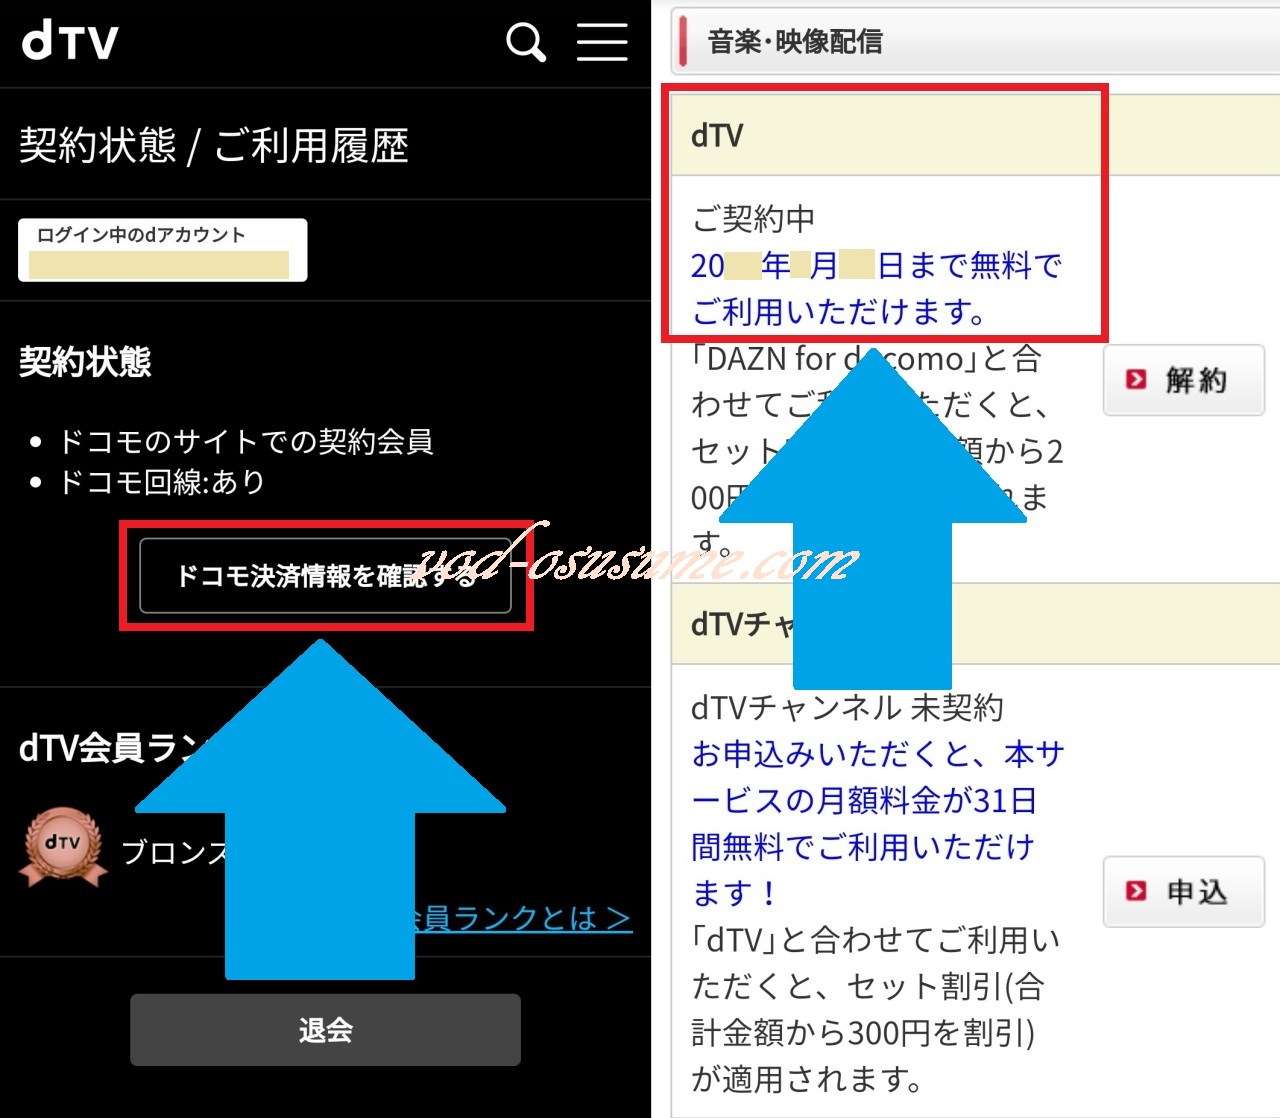 """「ドコモ決済情報」をタップし、""""dTV""""の欄を確認"""